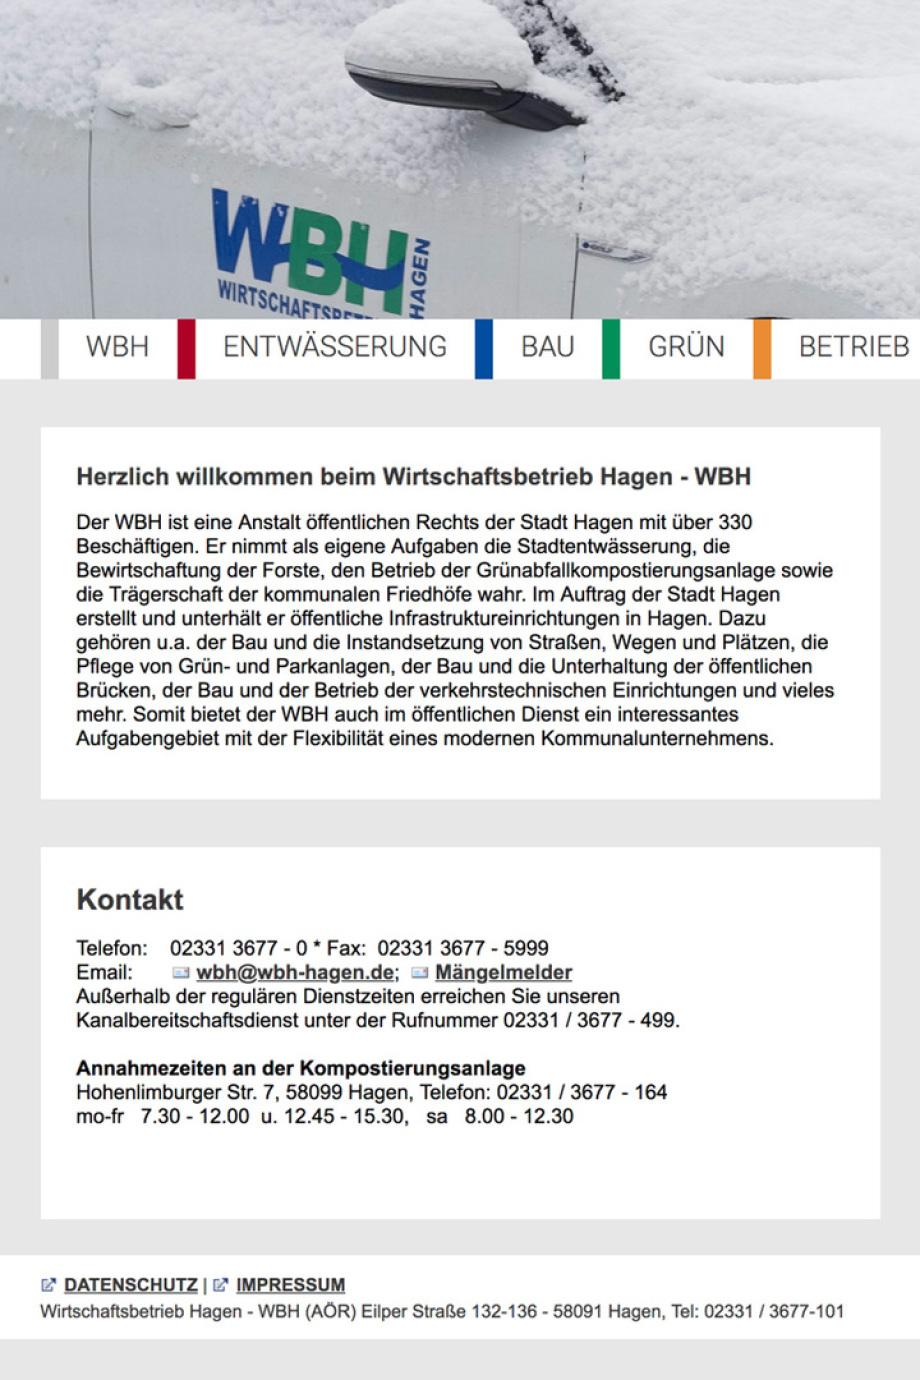 Wirtschafts-Betrieb_Hagen_Anstalt_öffentlichen_Rechts